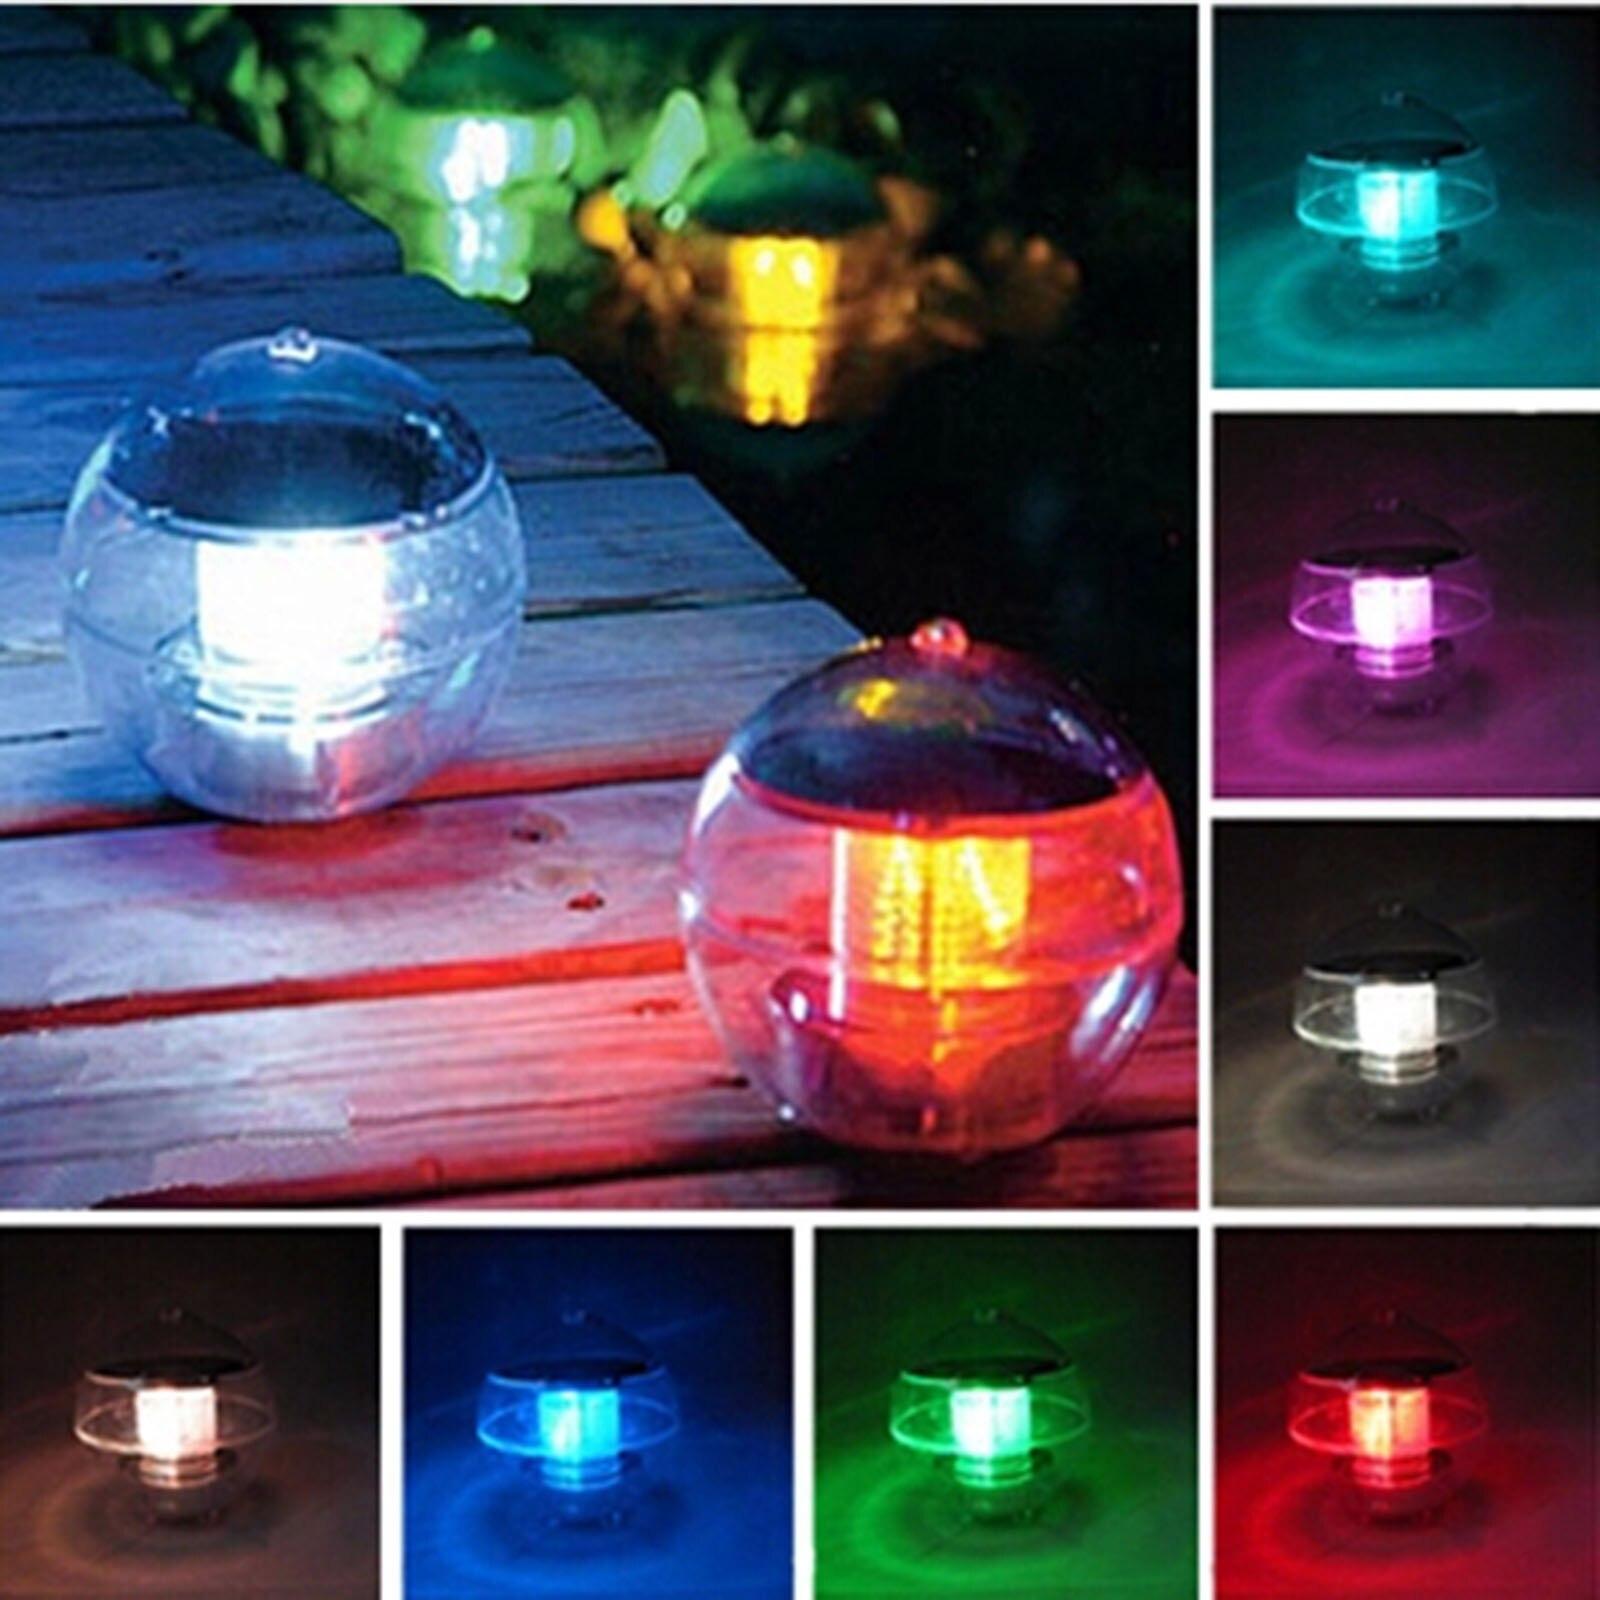 Солнечные Водонепроницаемый светодиодные лампы сад двор газон открытый бассейн декоративные 6 цветов